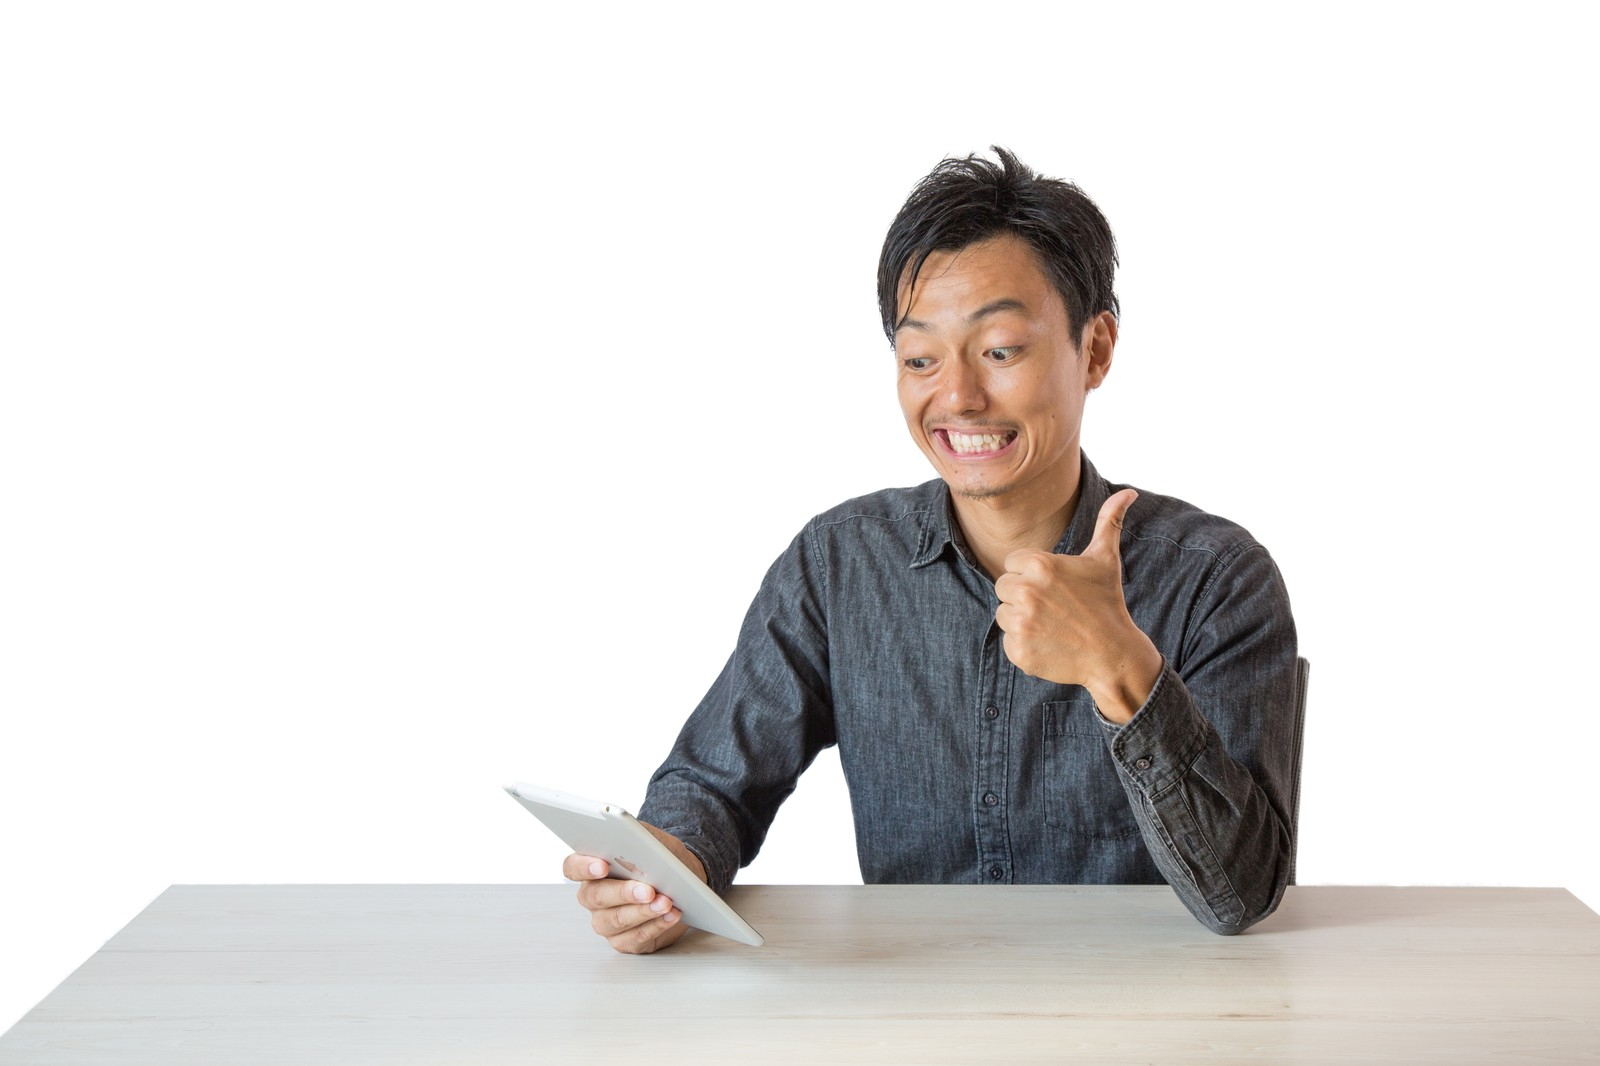 「エゴサーチを見ては一喜一憂する男性」の写真[モデル:藤沢篤]